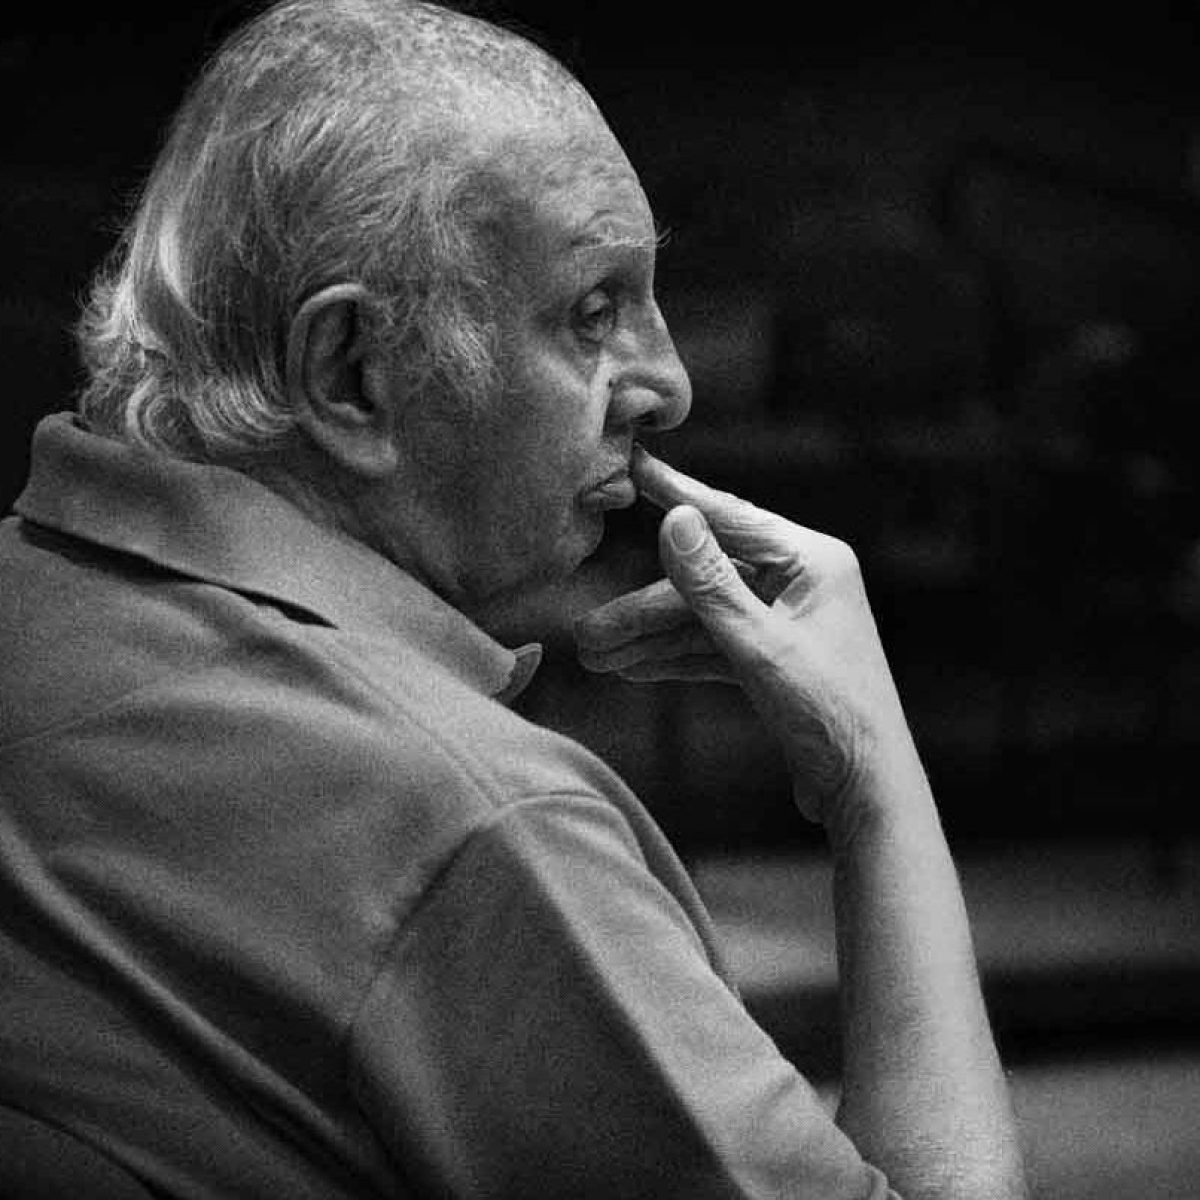 Vanraj Bhatia, veteran music composer behind Liril soap jingle, dies at 94